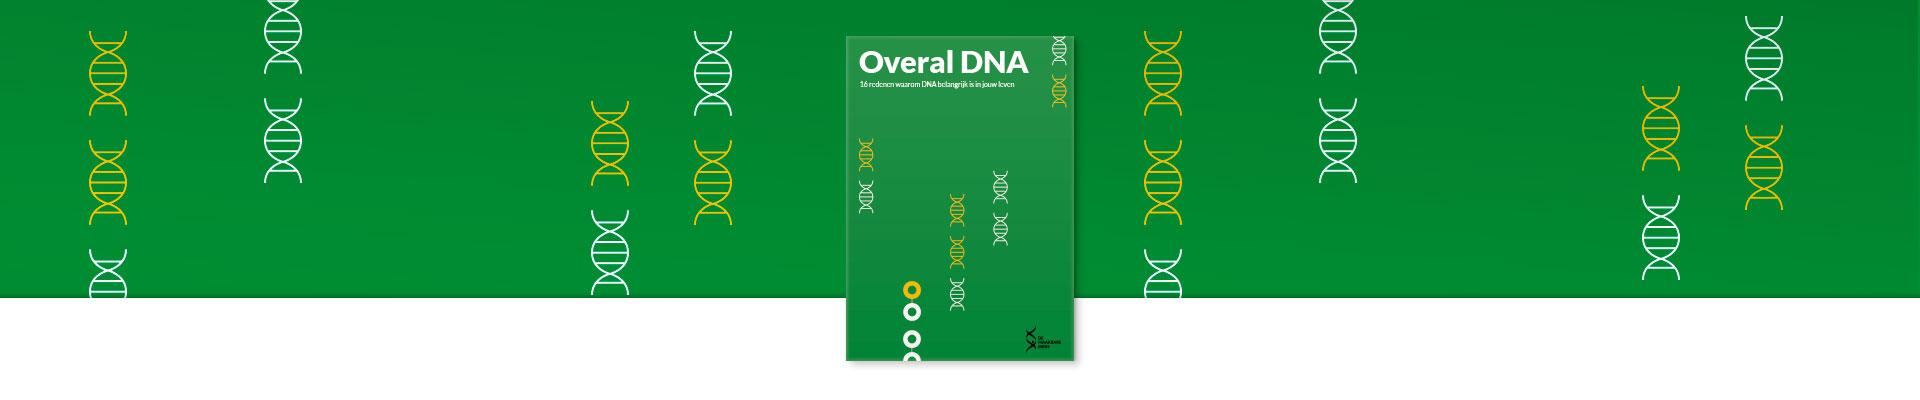 Waarvoor download jij deze brochure?